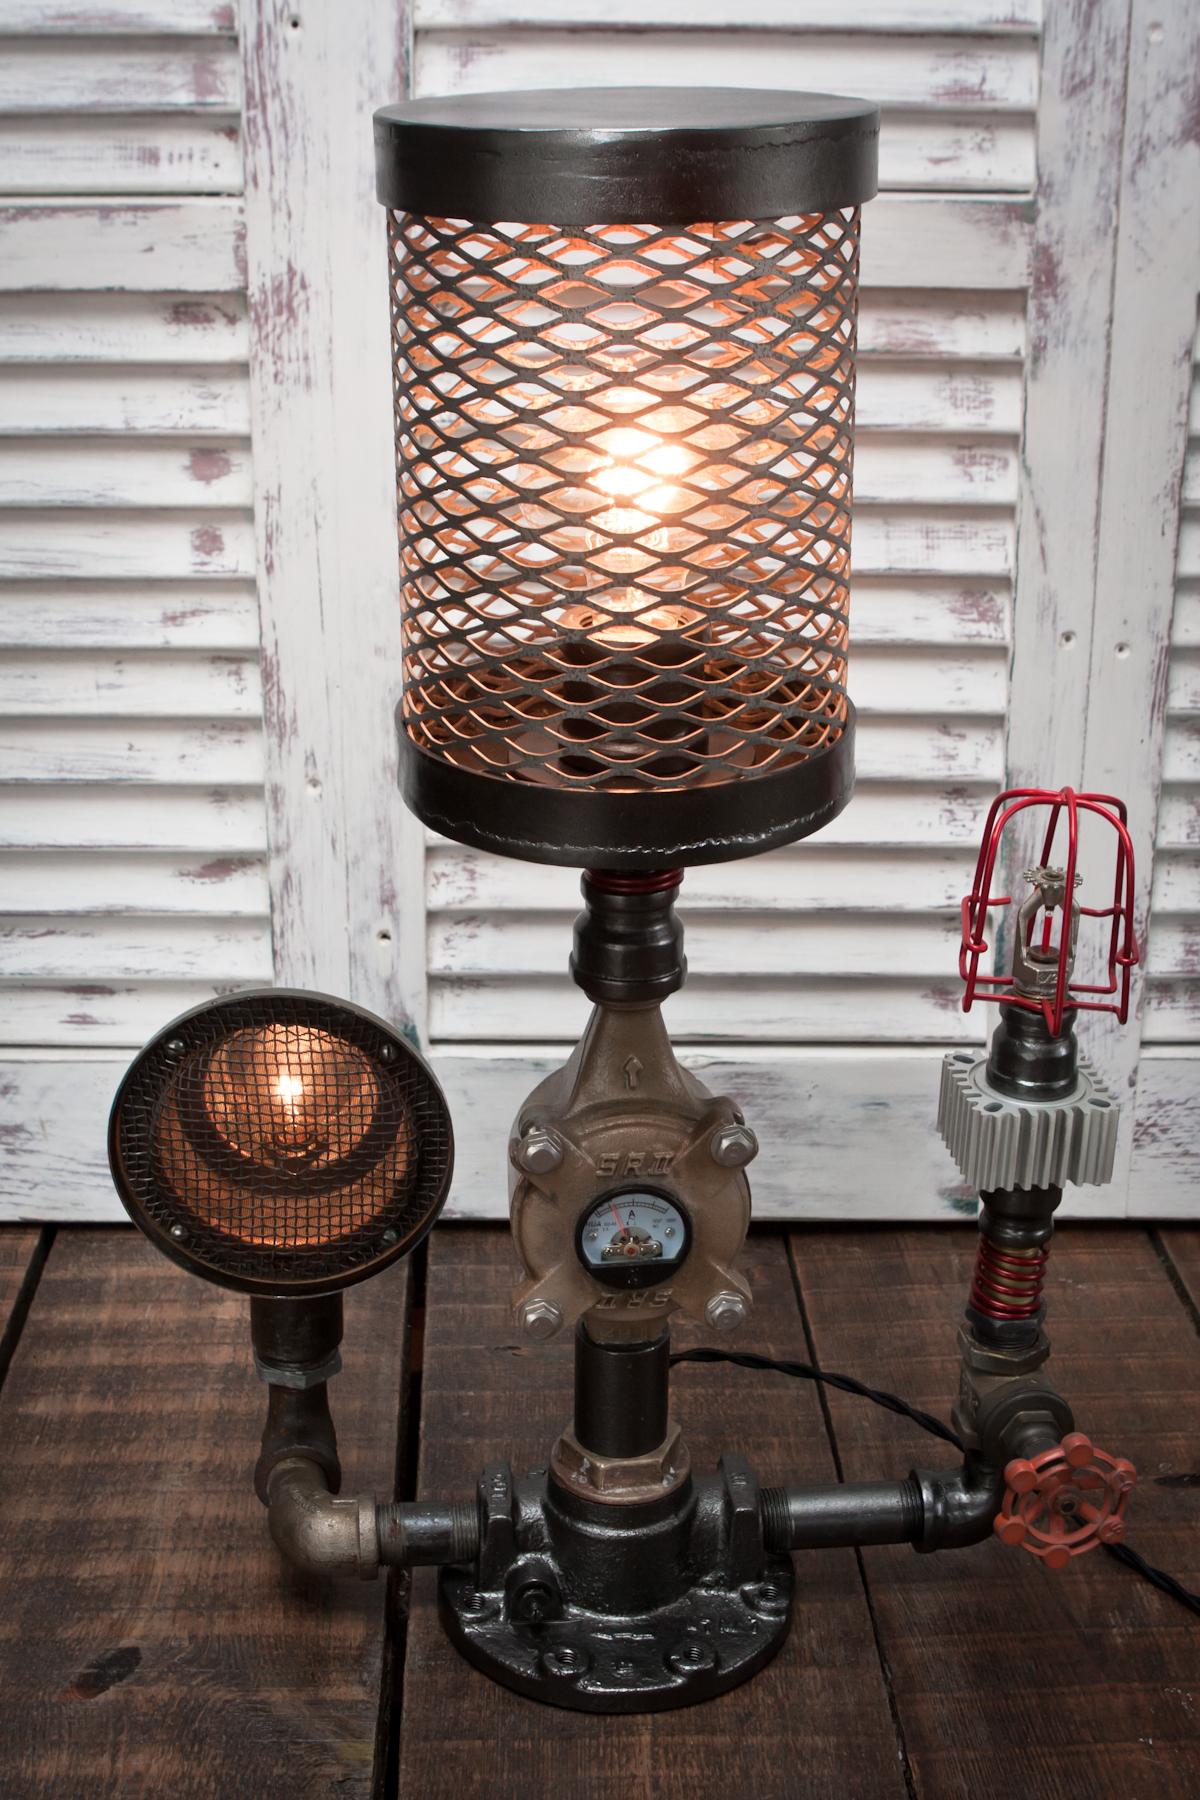 sprinklerheadsteampunklamp